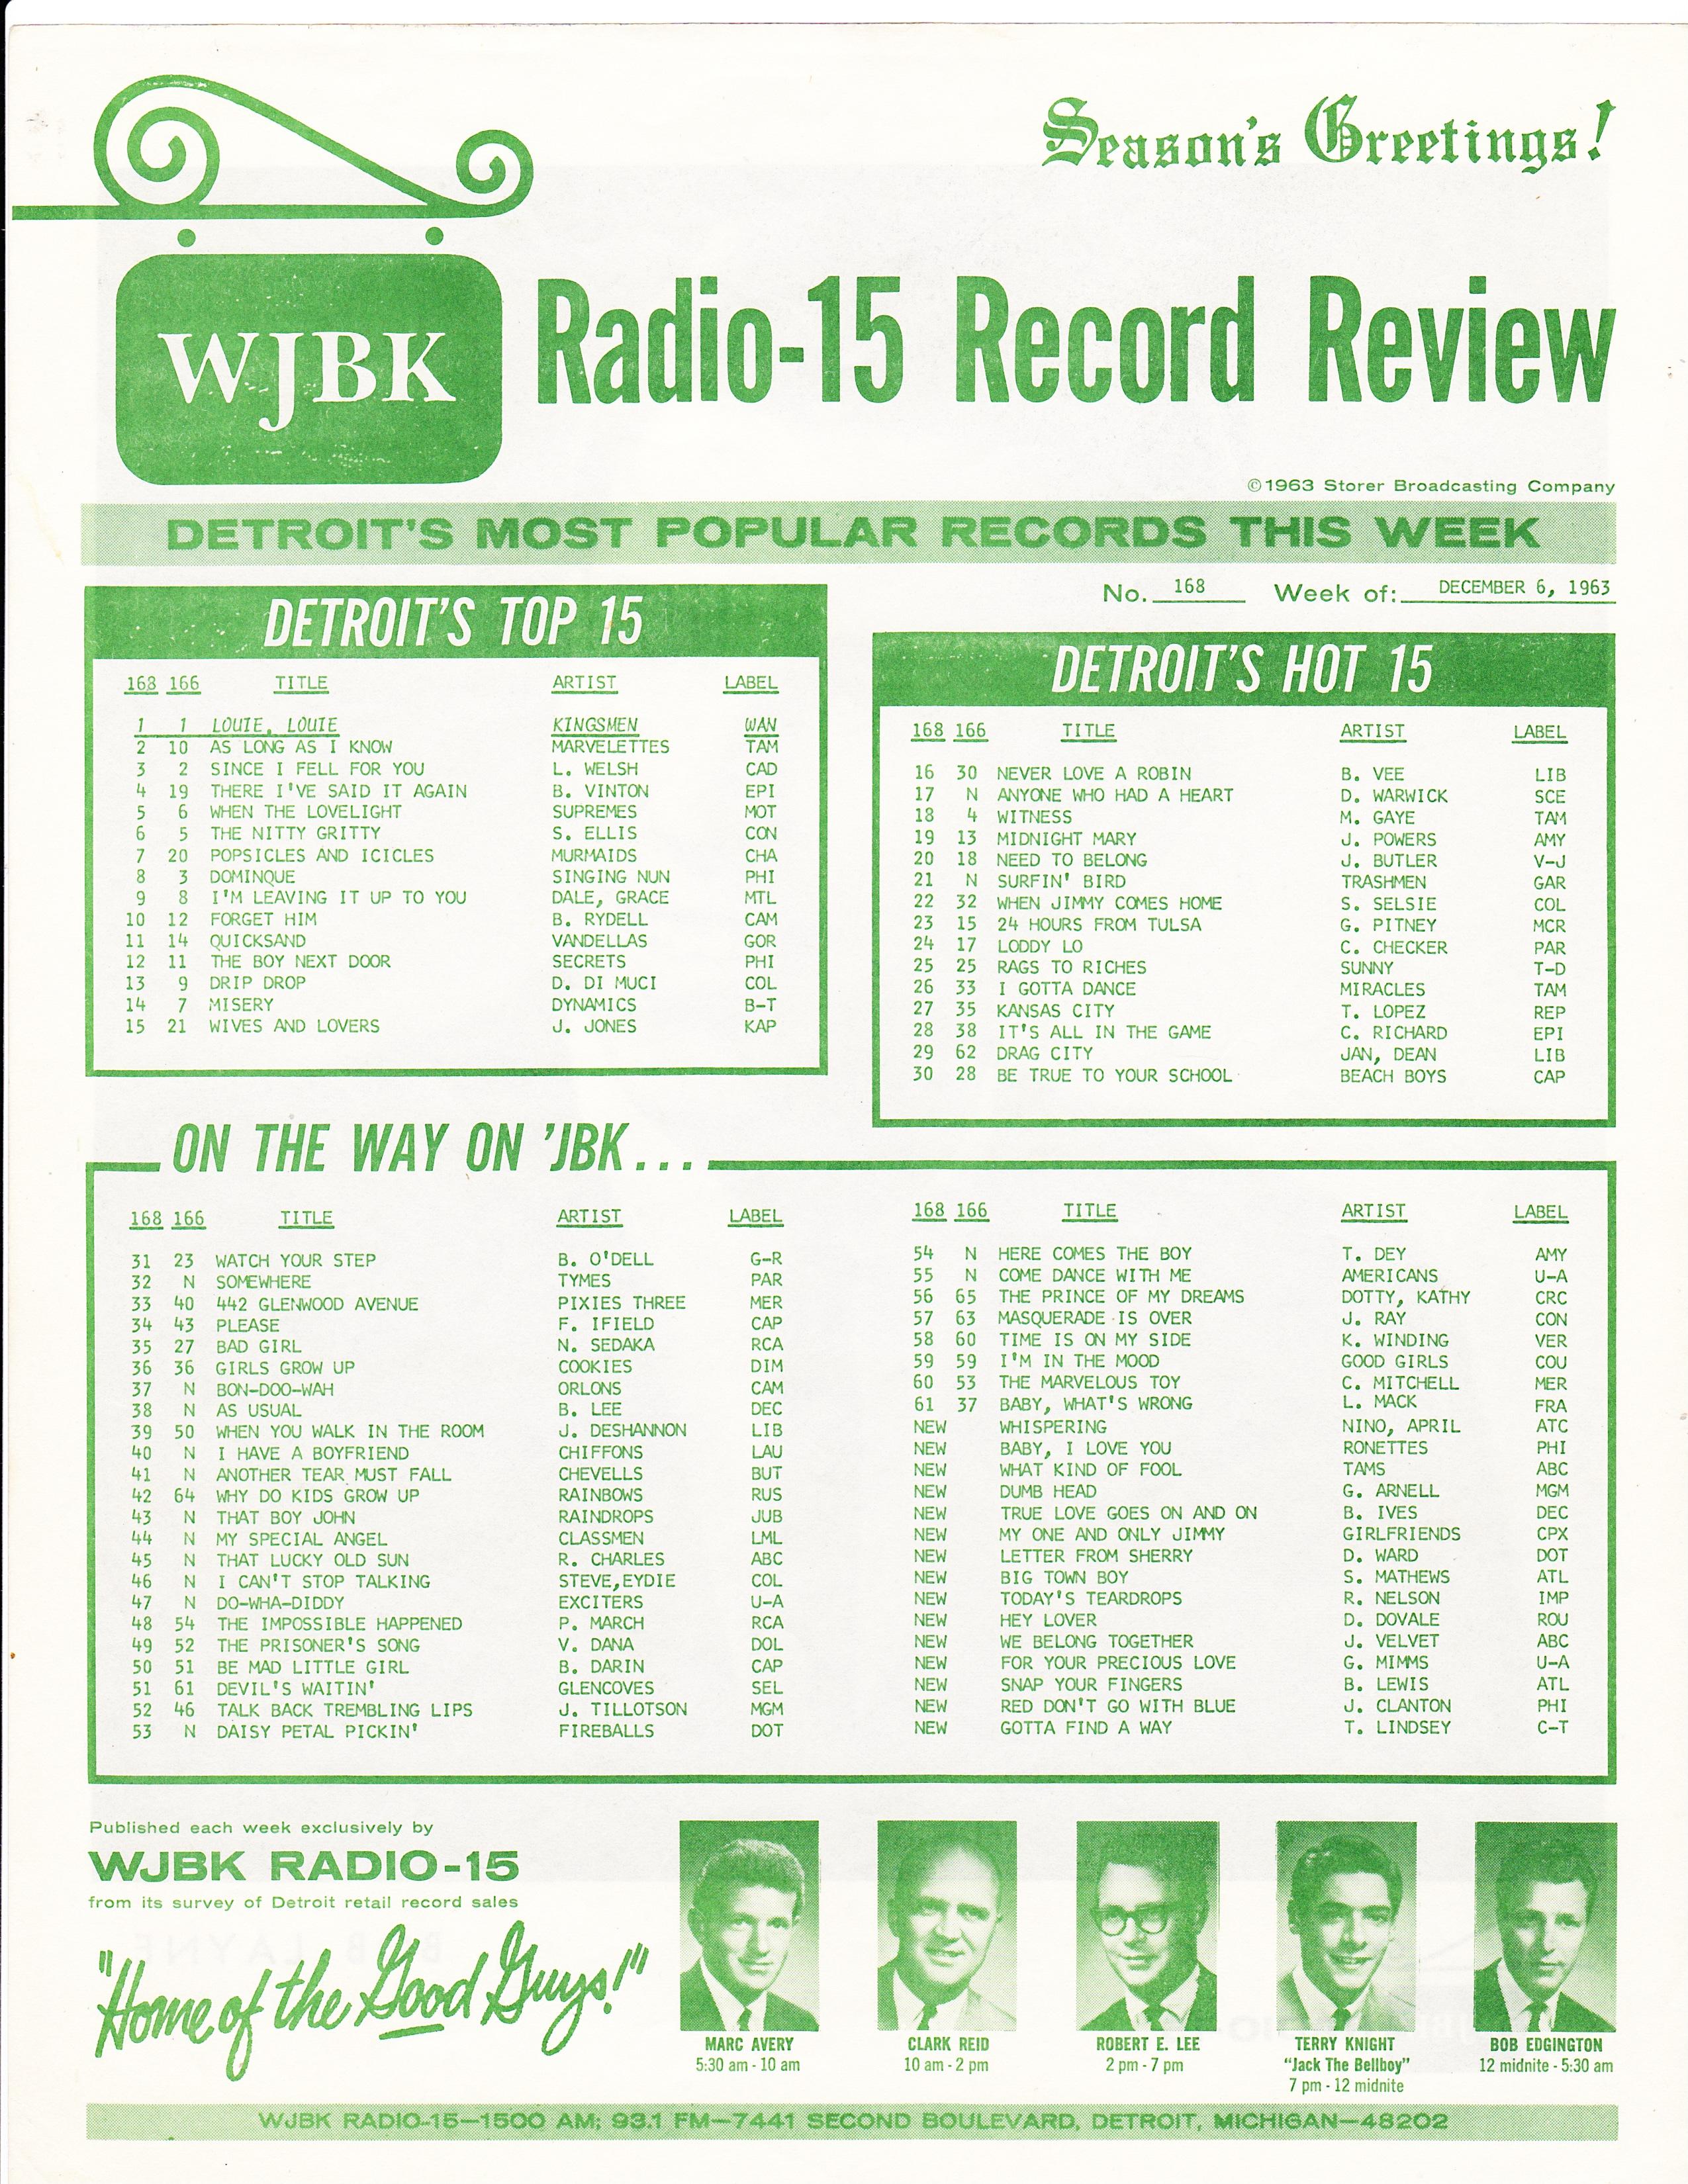 WJBK-SURVEY-DECEMBER-6-1963-FRONT